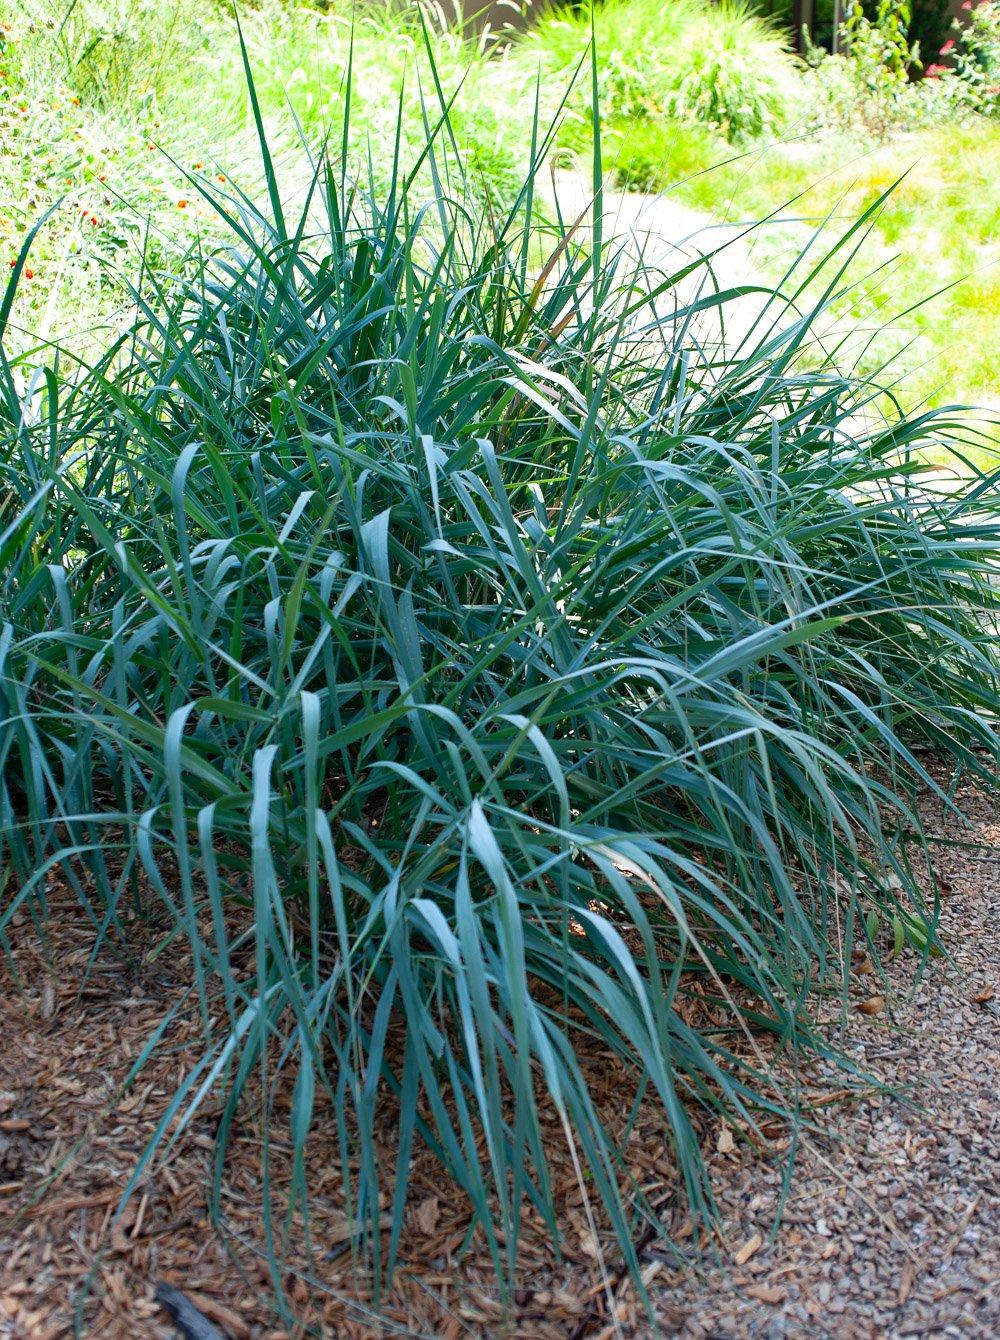 Sedge or Carex